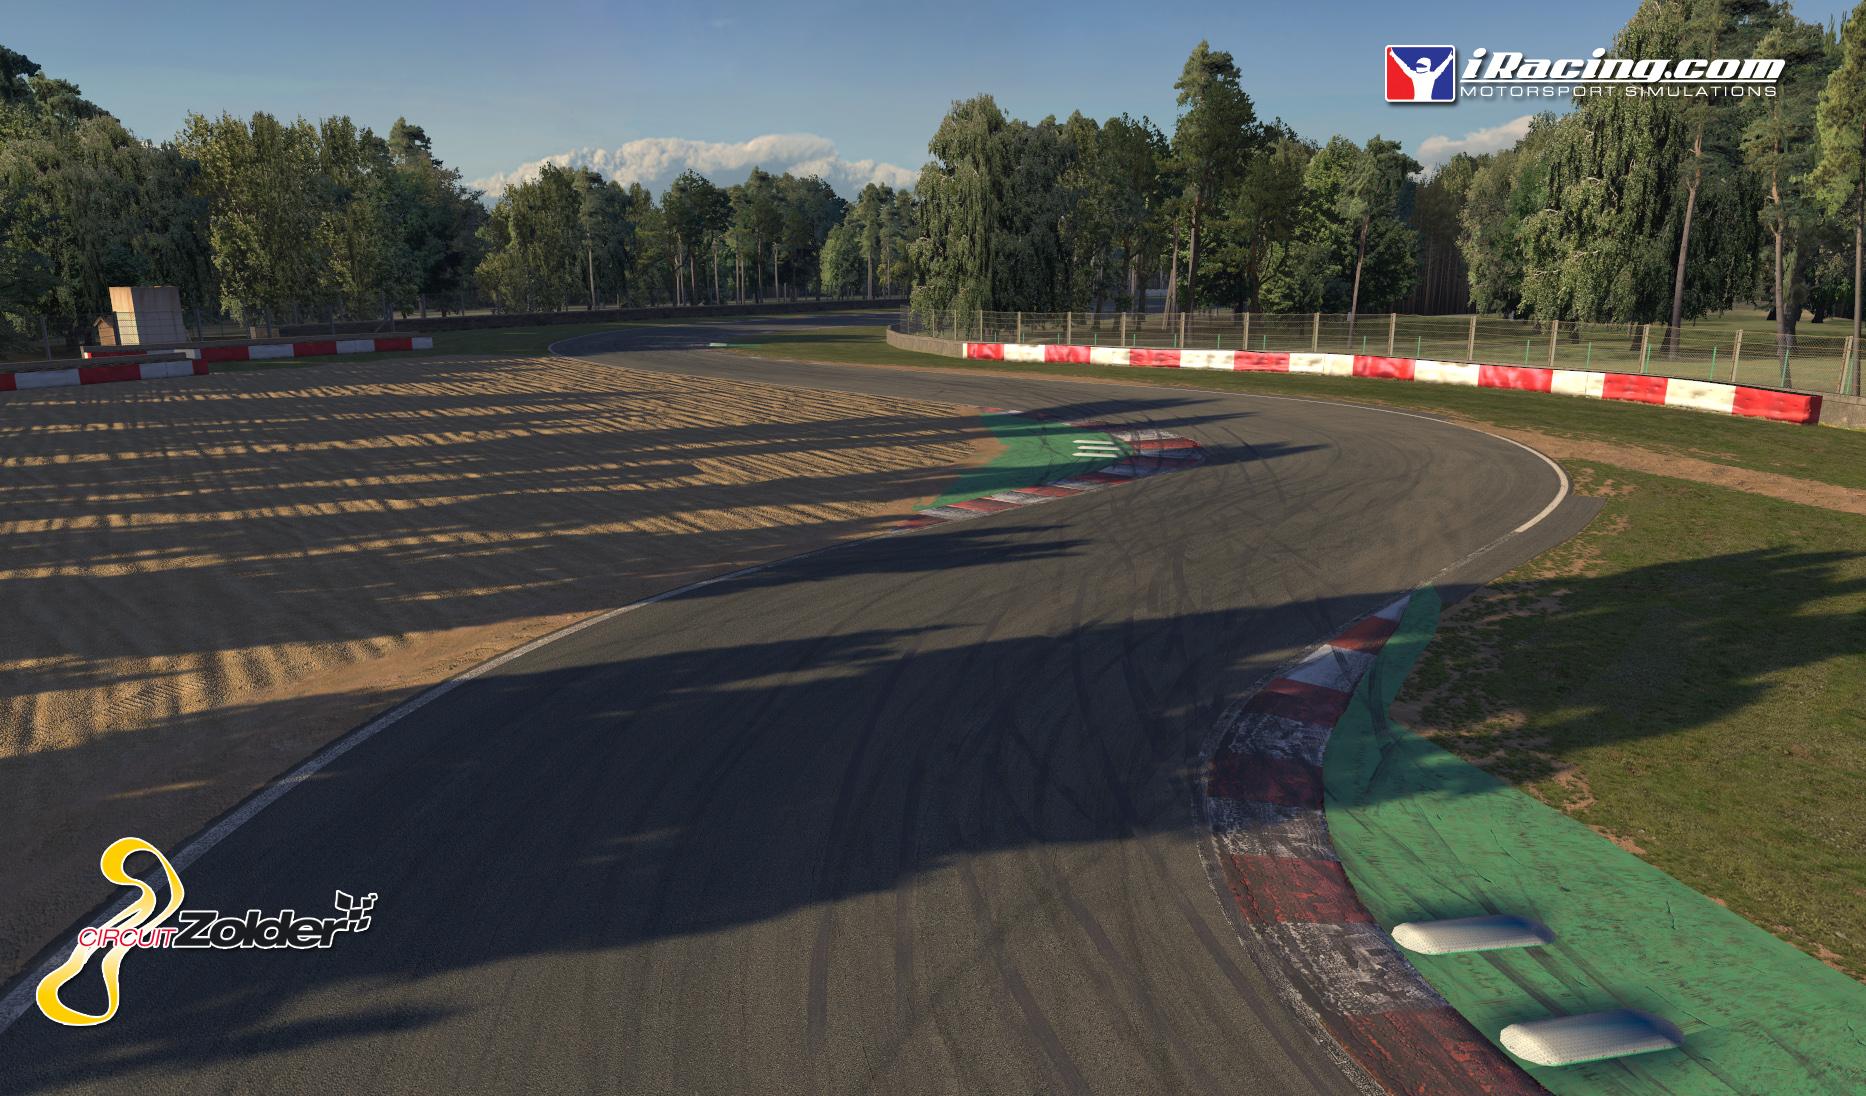 Circuit Zolder Iracing Com Iracing Com Motorsport